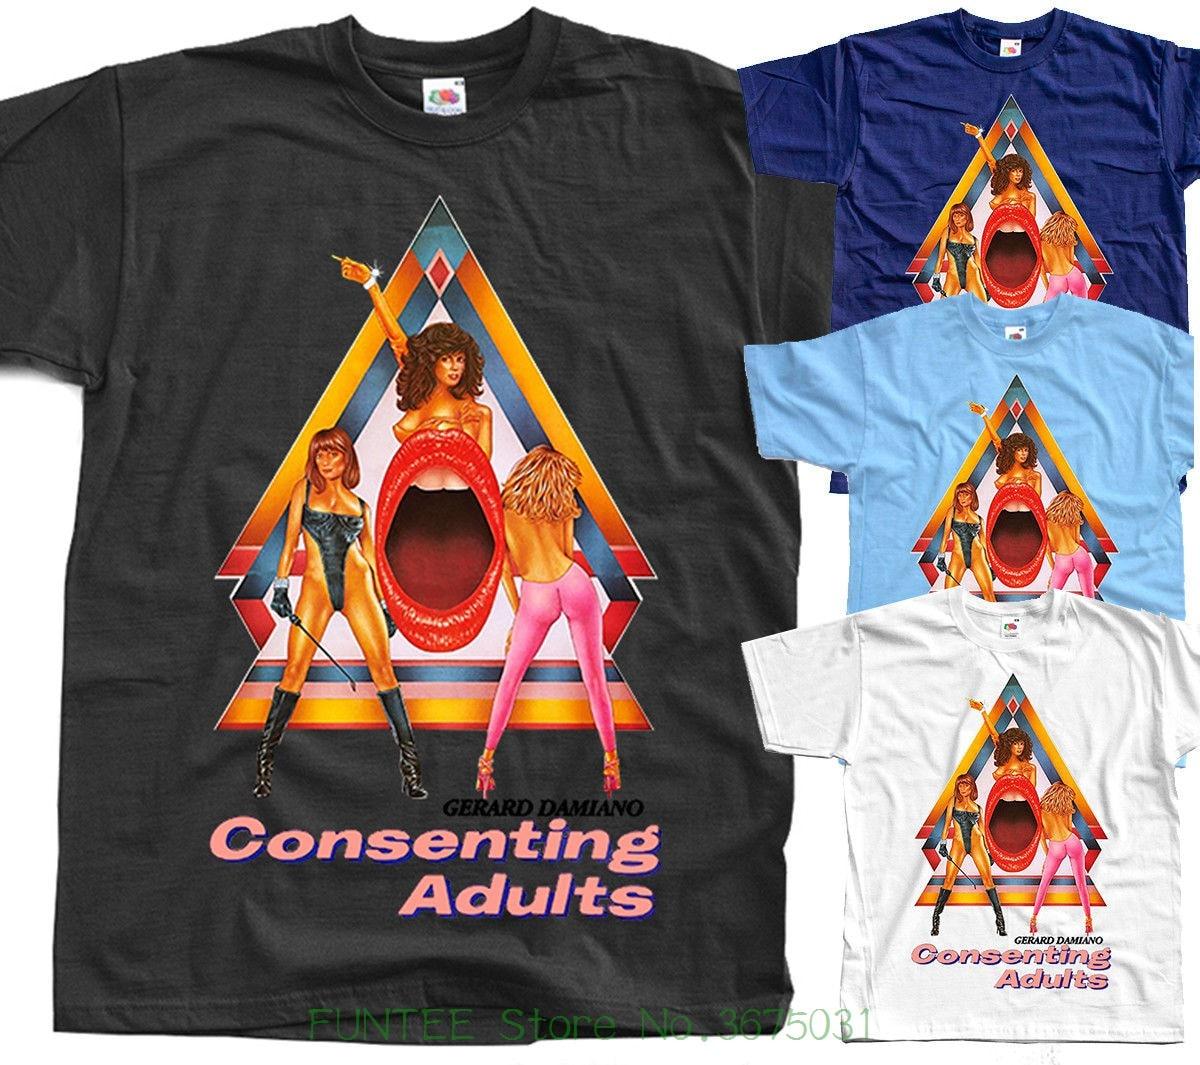 Hipster летние футболки мужские футболка соглашаясь взрослых, постер фильма, 1992 т рубашка черный синий белый все размеры от S до 5xl